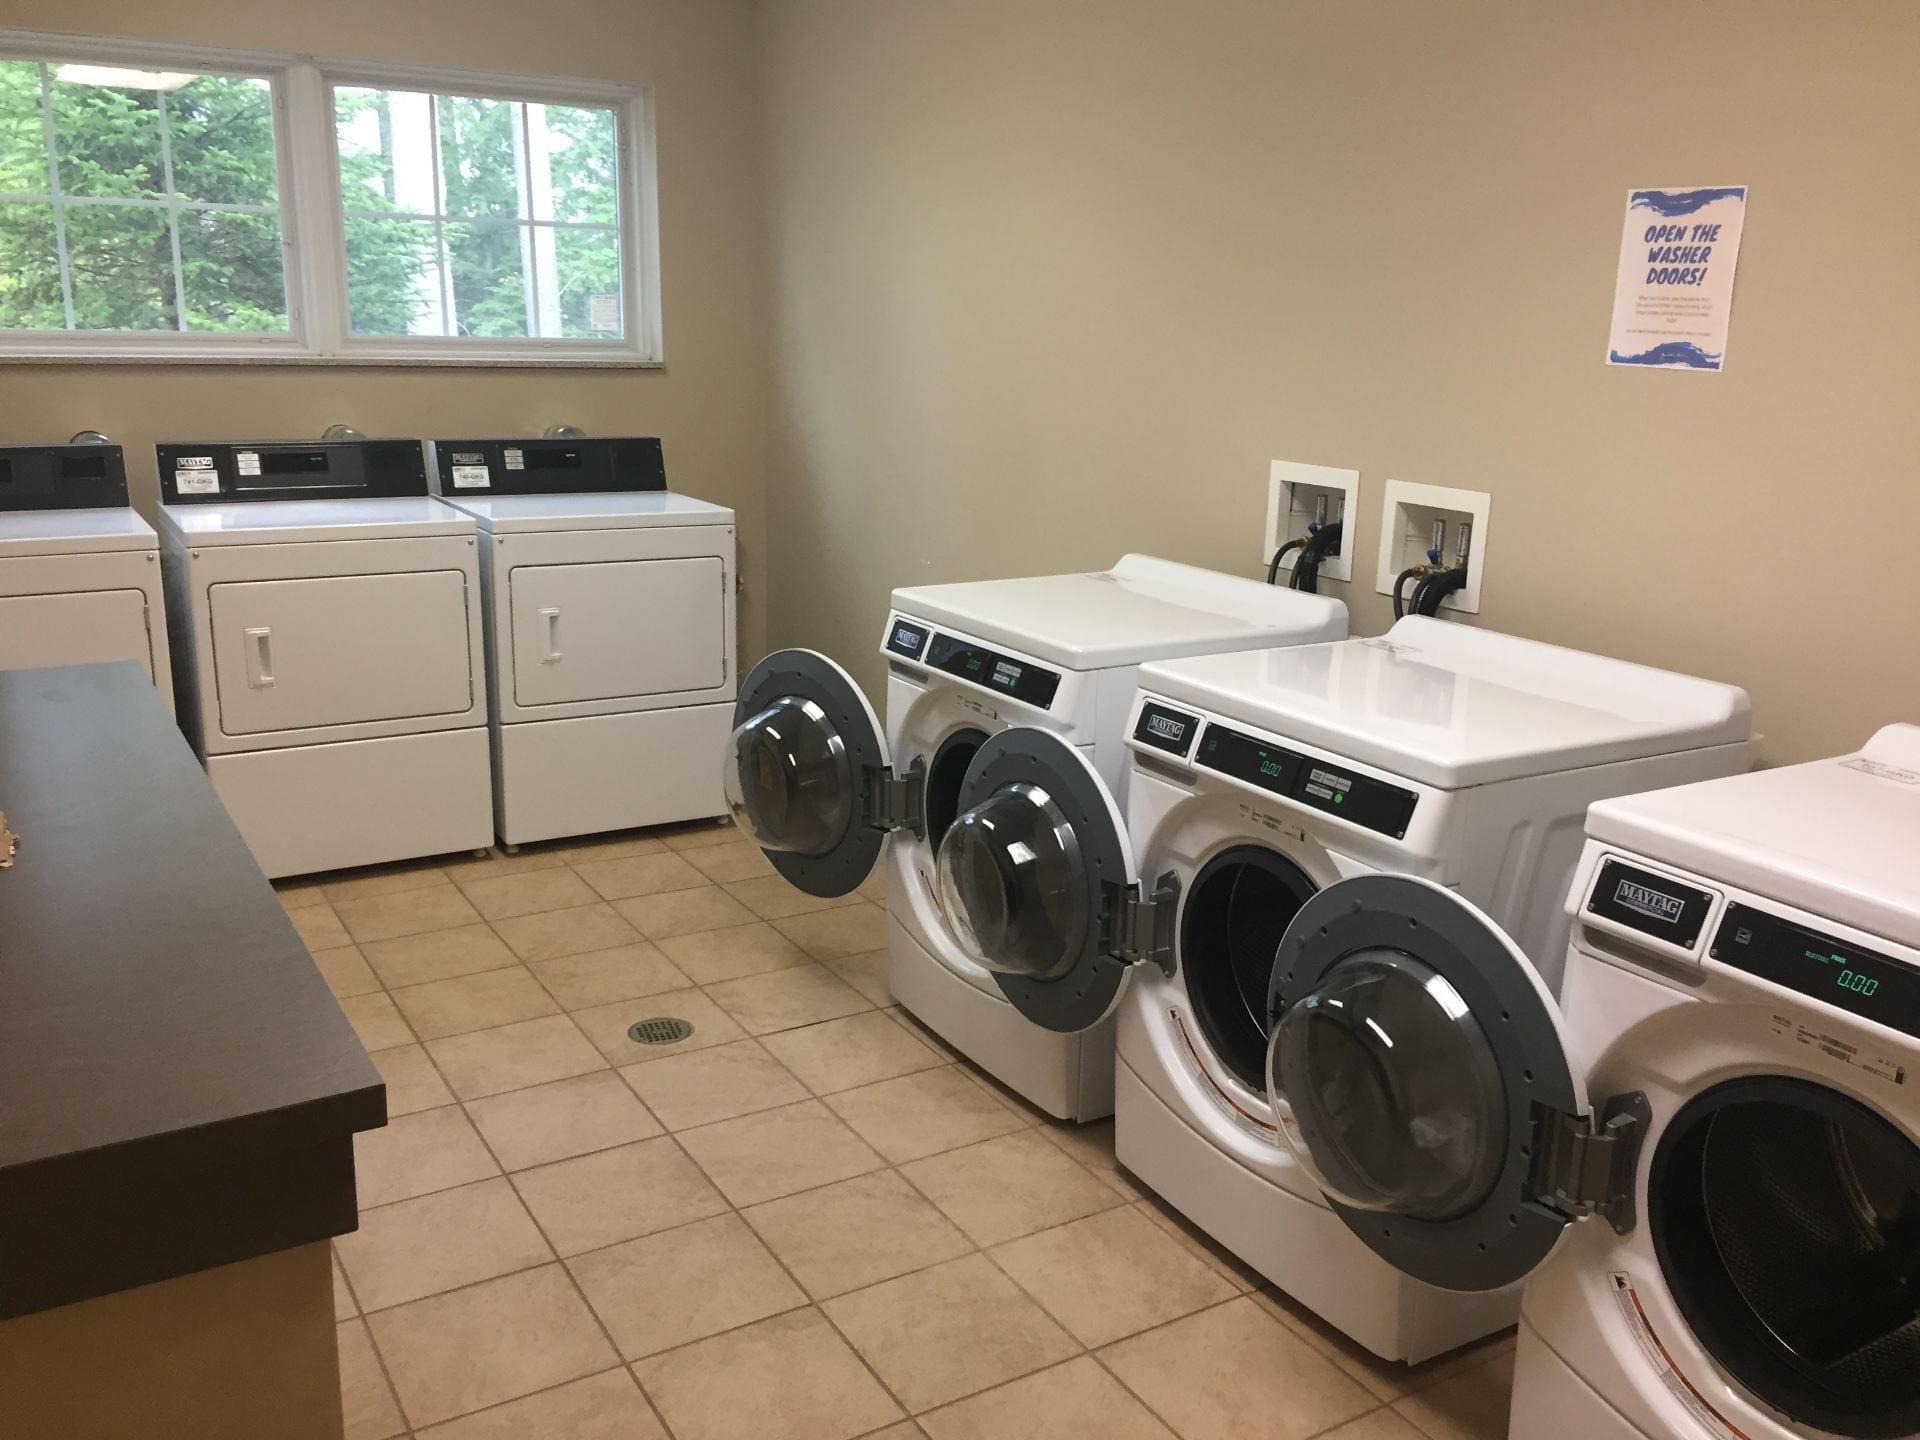 Overlook laundry